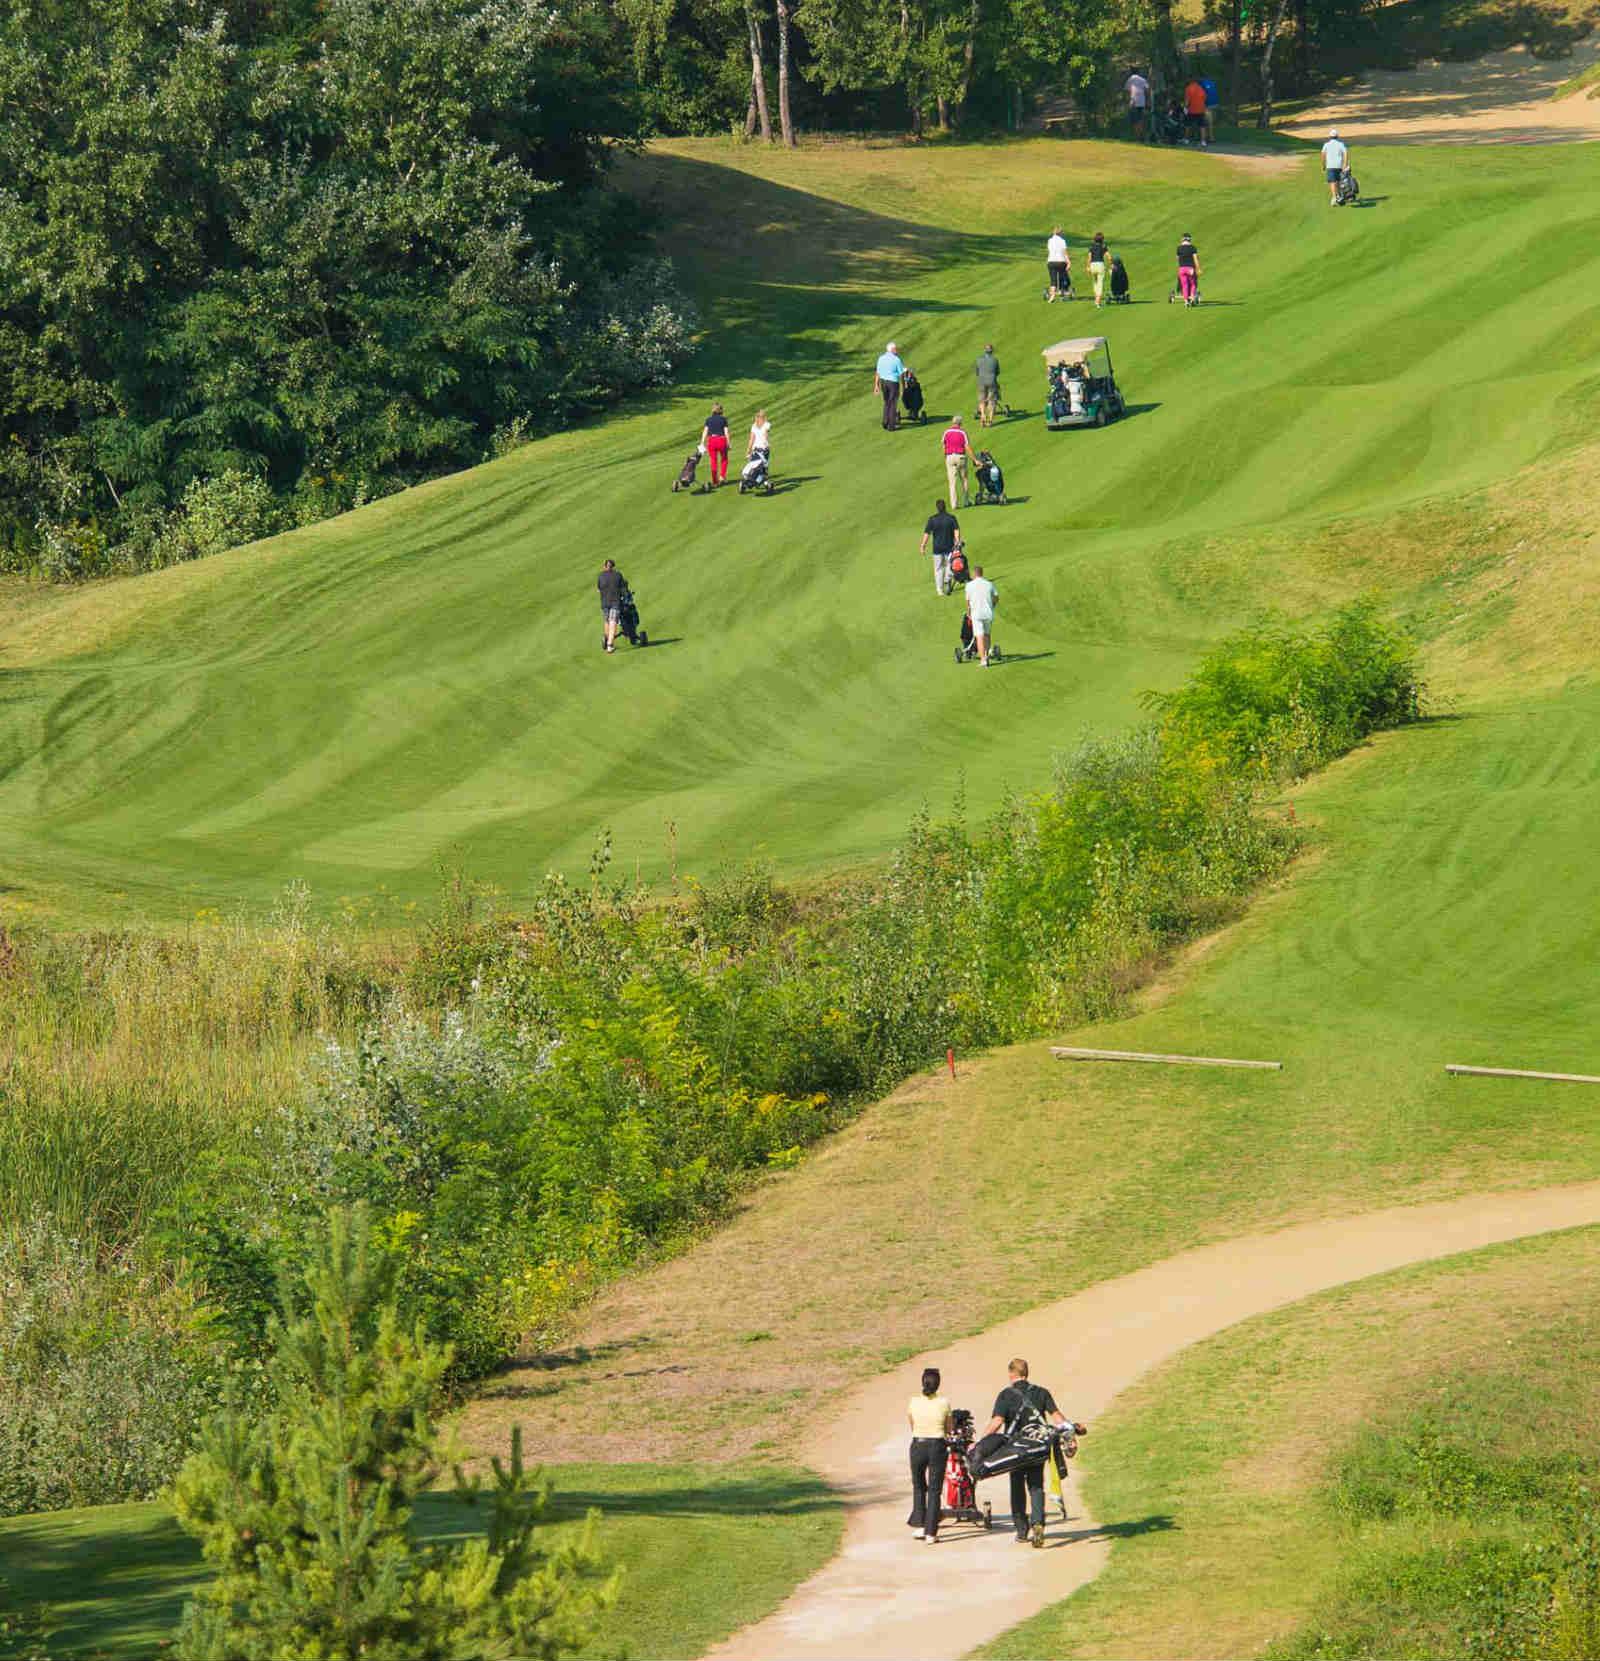 Der Mainzer GC heißt Golfer aller Leistungsklassen auf seiner Anlage herzlich Willkommen. (Foto: Mainzer Golfclub)